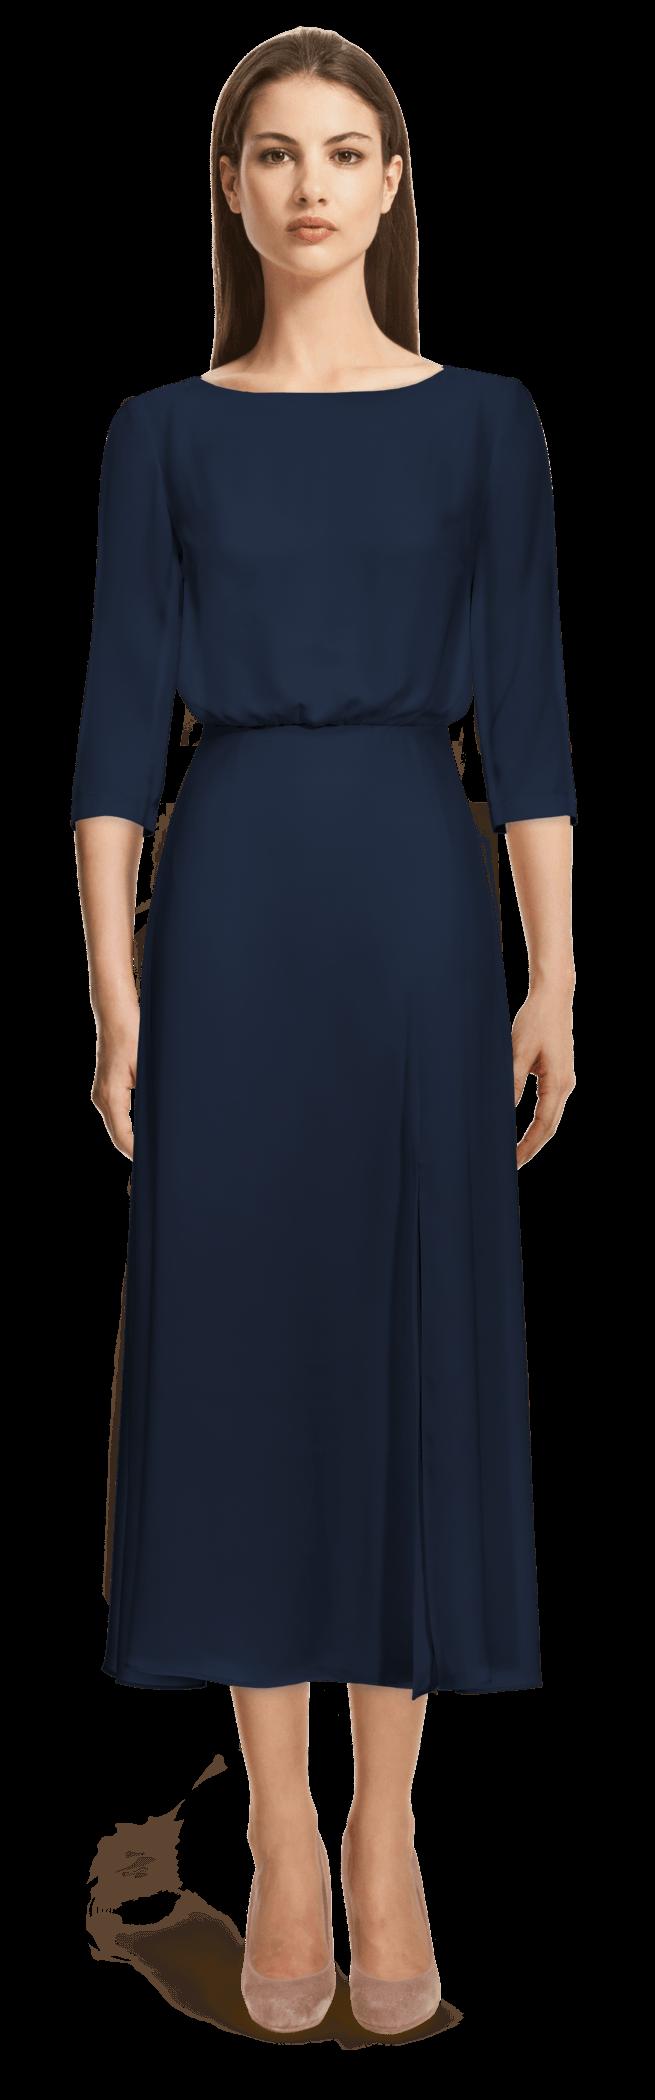 Abendkleid  Festliche Damen Kleider - Sumissura